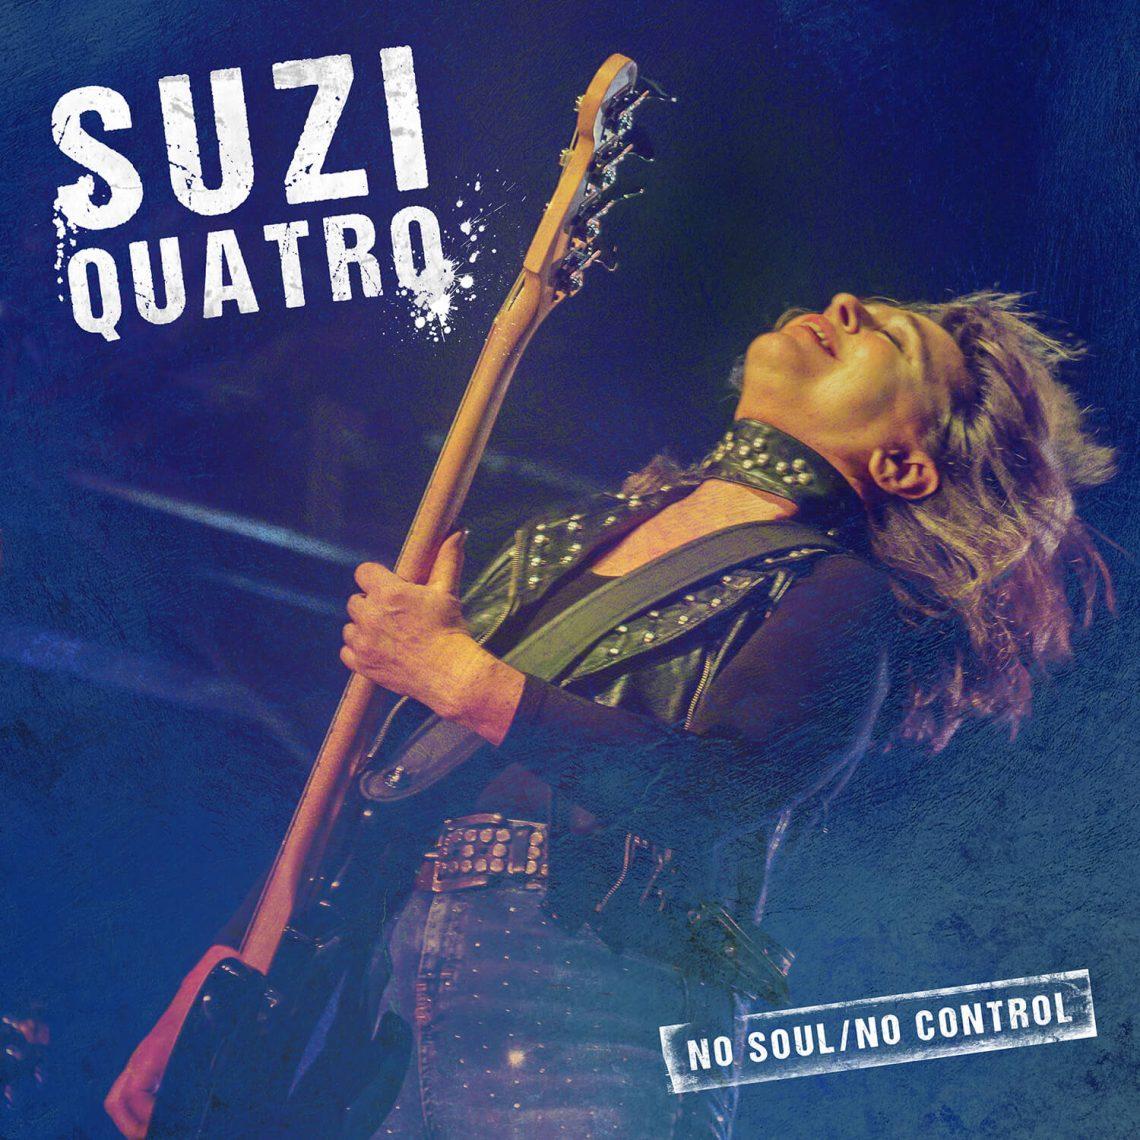 SUZI QUATRO – new single & video released today!